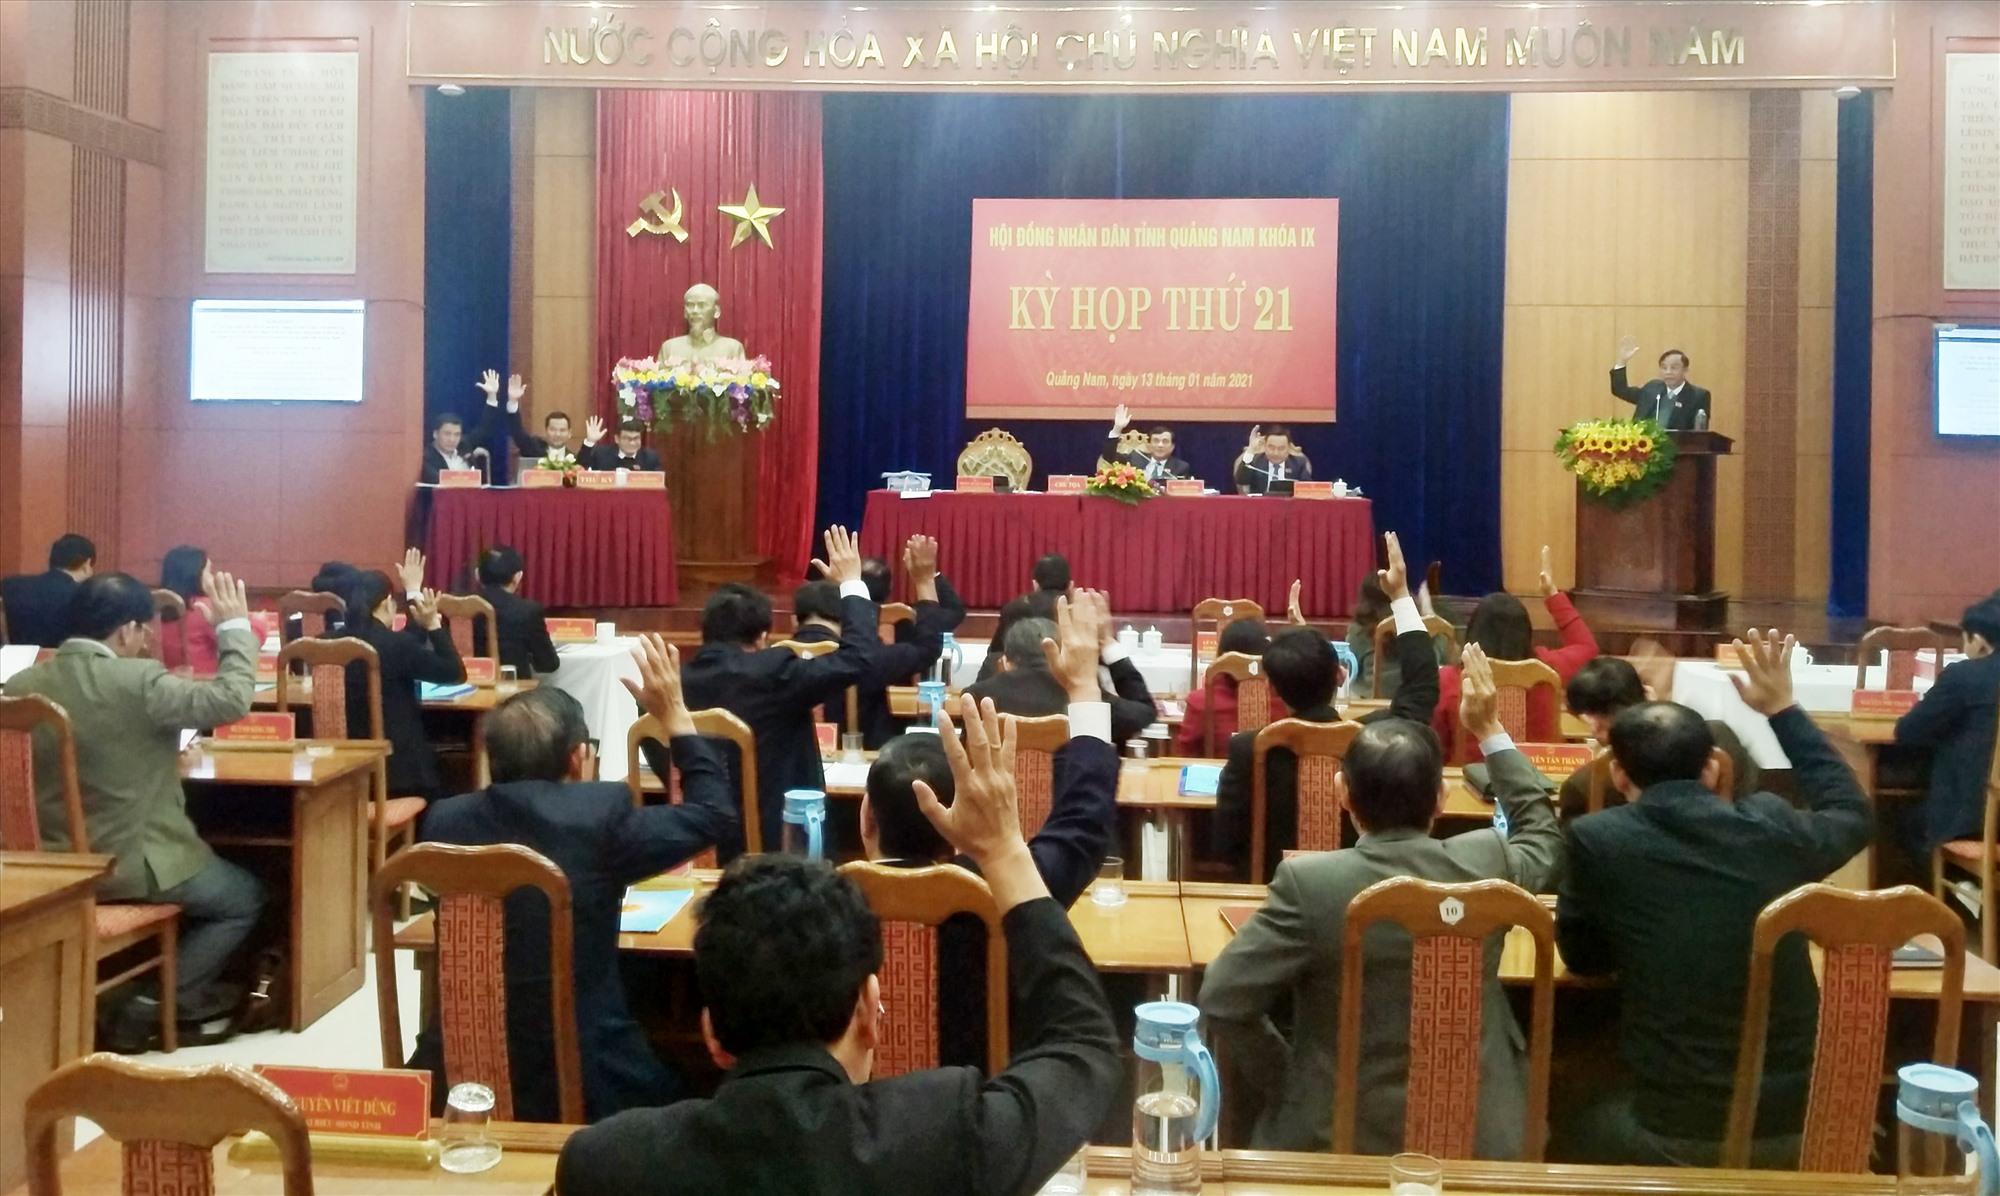 Đại biểu HĐND tỉnh biểu quyết thông qua các nghị quyết tại Kỳ họp thứ 21. Ảnh: N.Đ